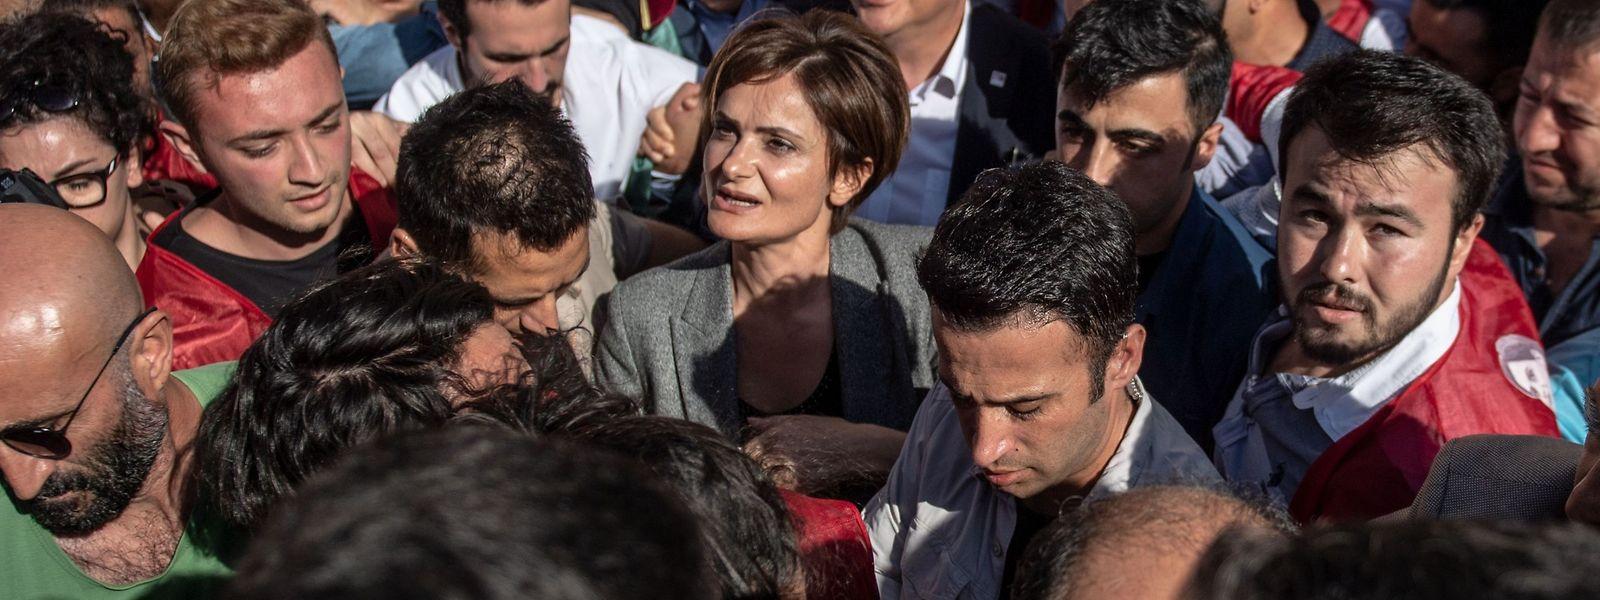 Canan Kaftancioglu inmitten von Unterstützern.